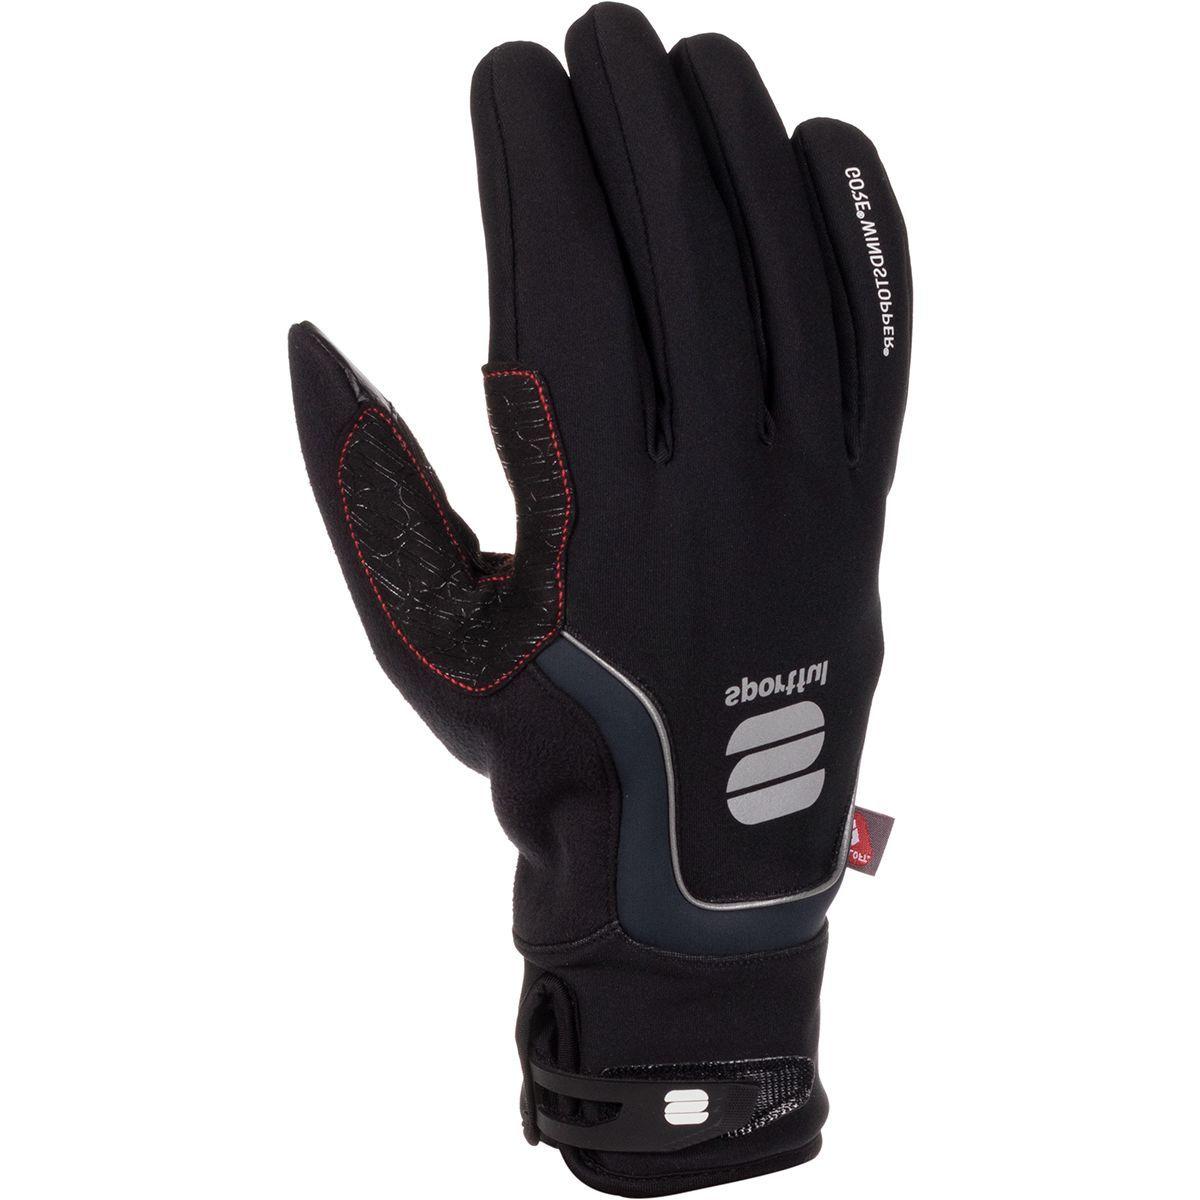 Sportful Thermo Glove - Men's